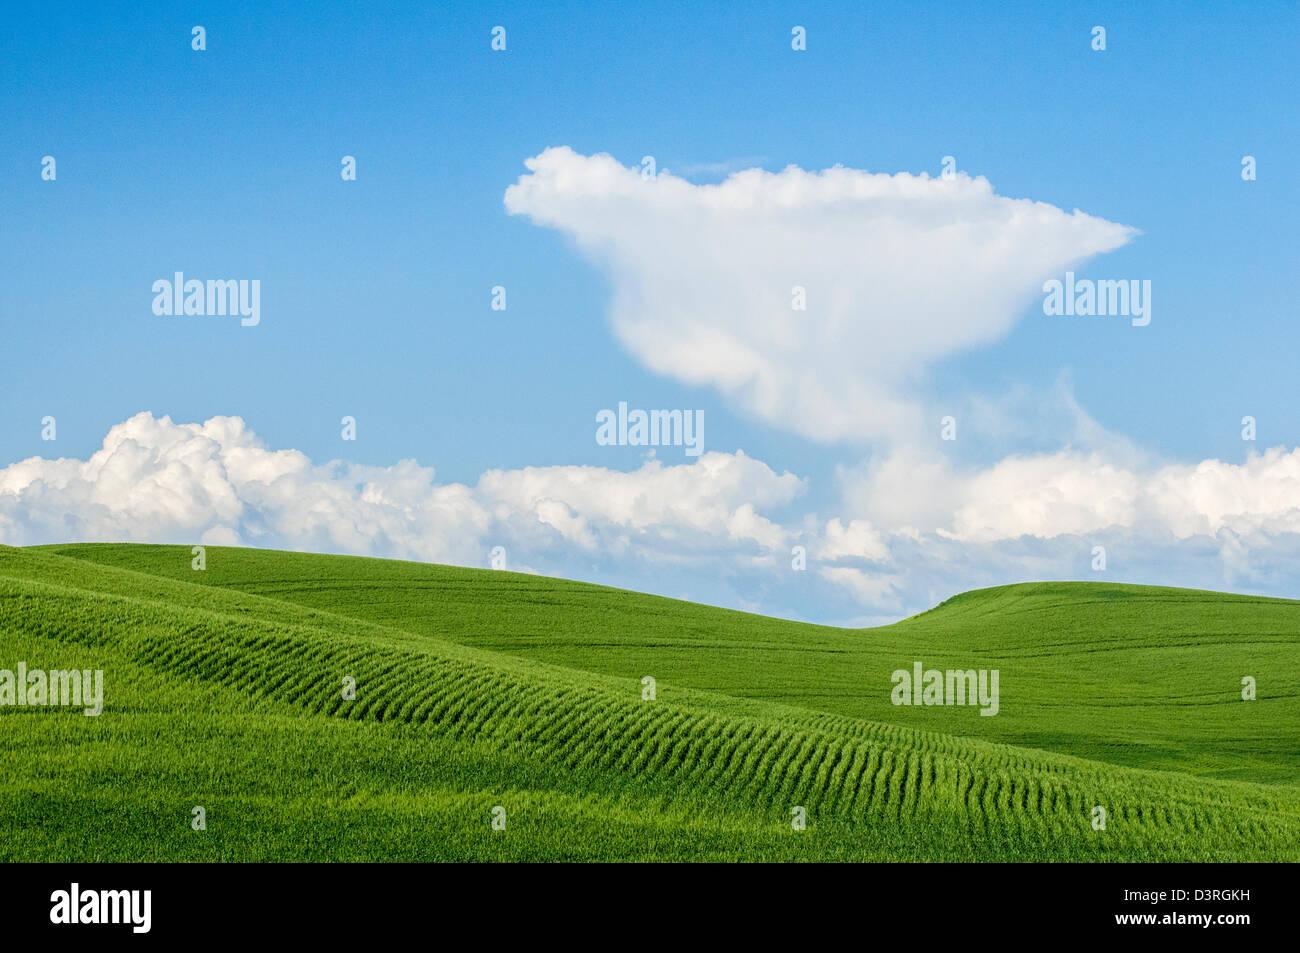 Champ de blé vert cumulous et nuages dans le ciel bleu; Washington, Palouse. Photo Stock